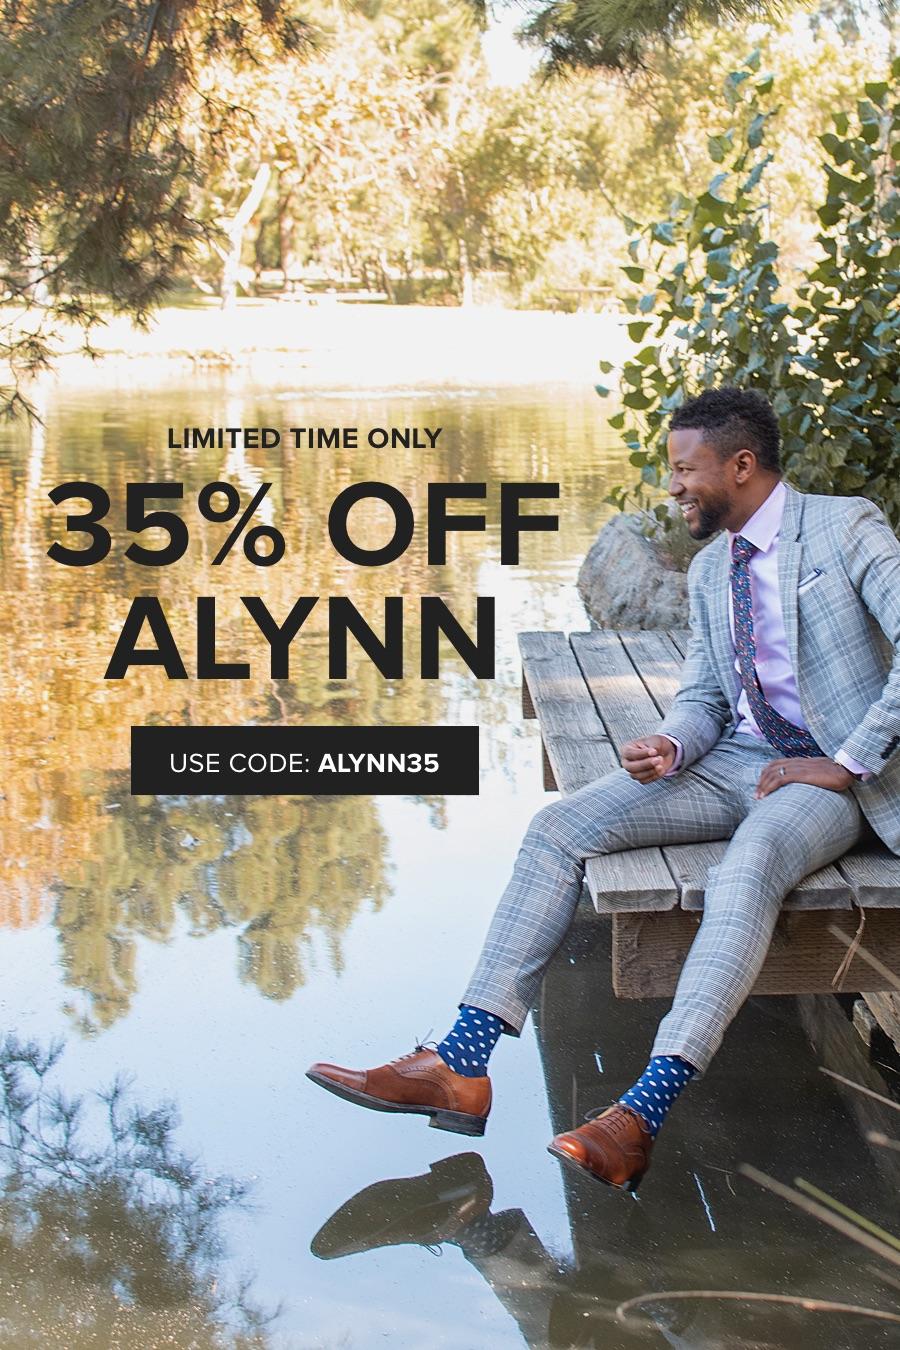 35% Off Alynn with code ALYNN35